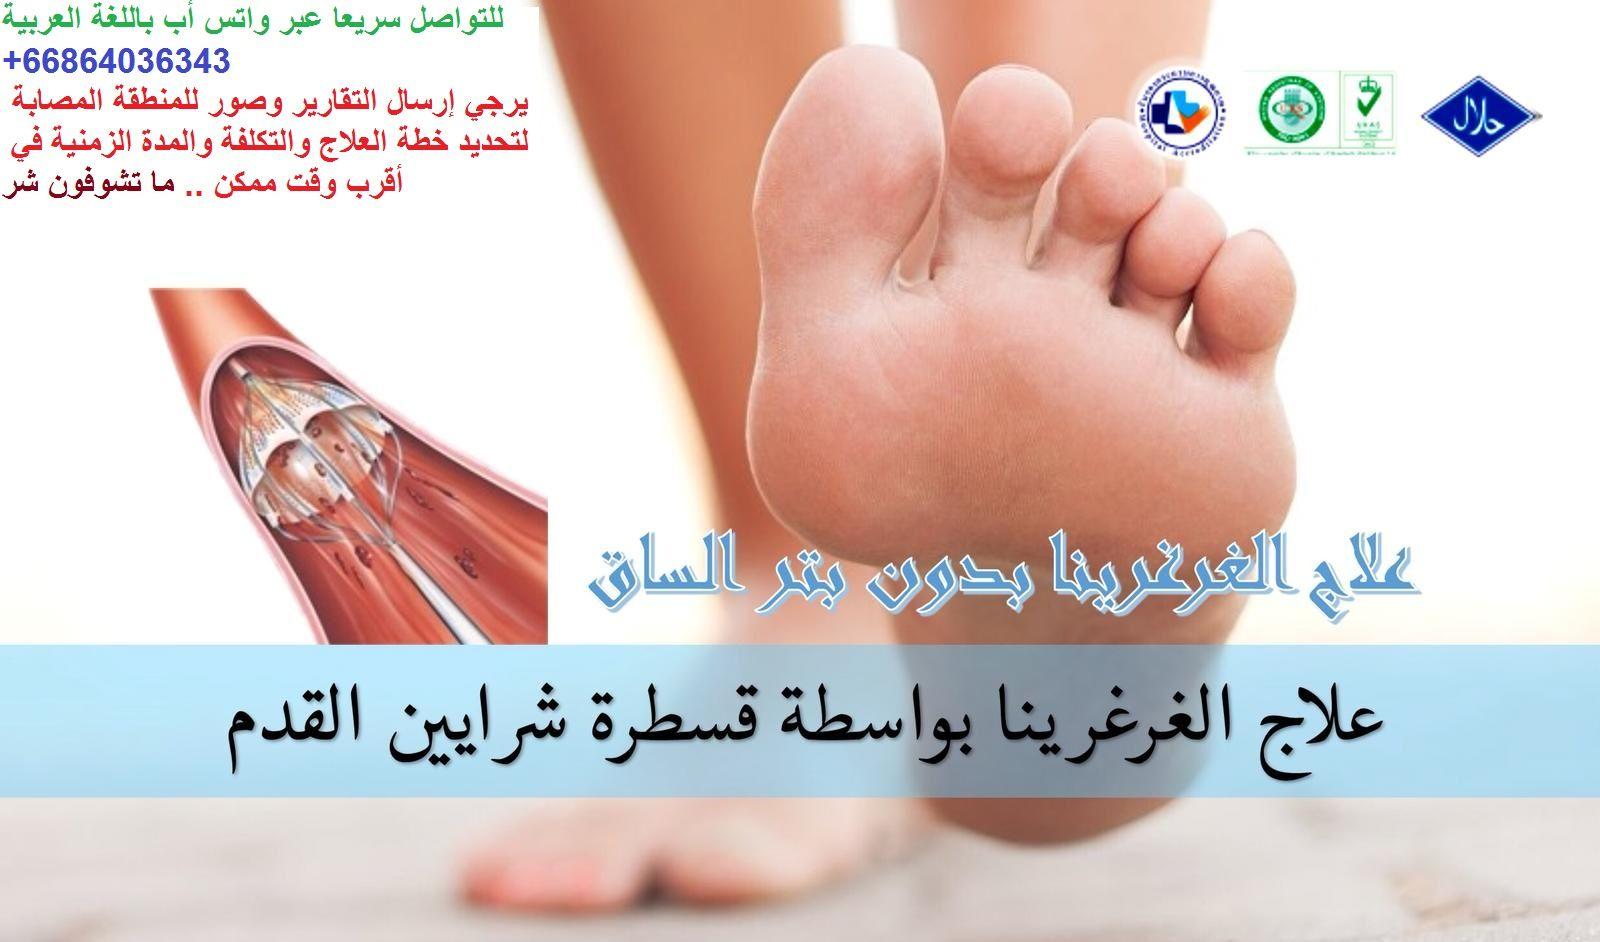 تريد علاج القدم السكري Foot Diabetes و الغرغرينا Gangrene بعيدا عن خطر بتر القدم تفضل معنا